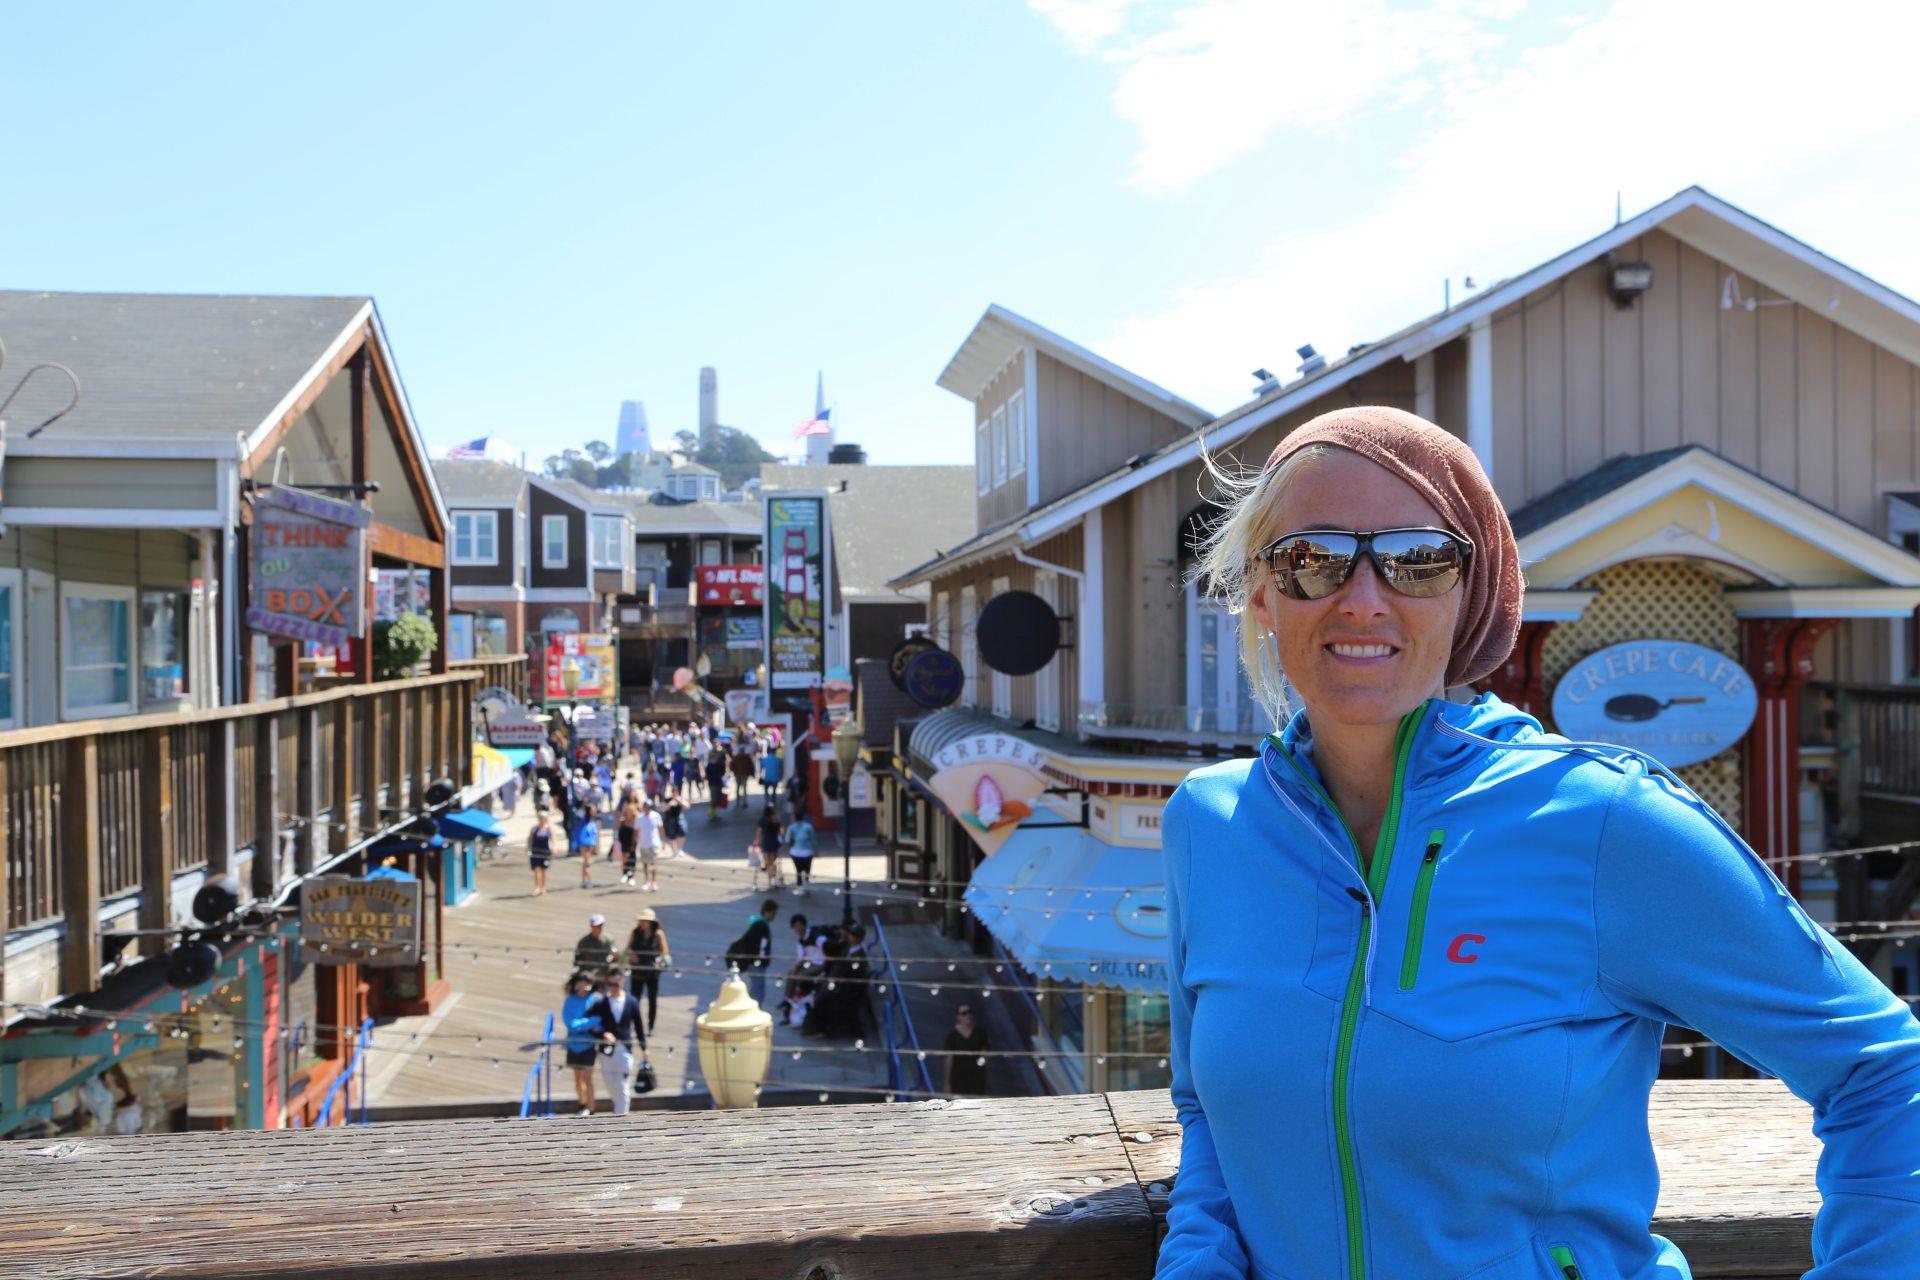 Am Pier 39 lacht das Herz und die Sofia! - Blondine, Coit Tower, Gebäude, Himmel, Kalifornien, malerisch, Personen, Pier 39, Portrait, Porträt, traumhaft, Wolken - HOFBAUER-HOFMANN Sofia - (North Beach, San Francisco, California, Vereinigte Staaten)